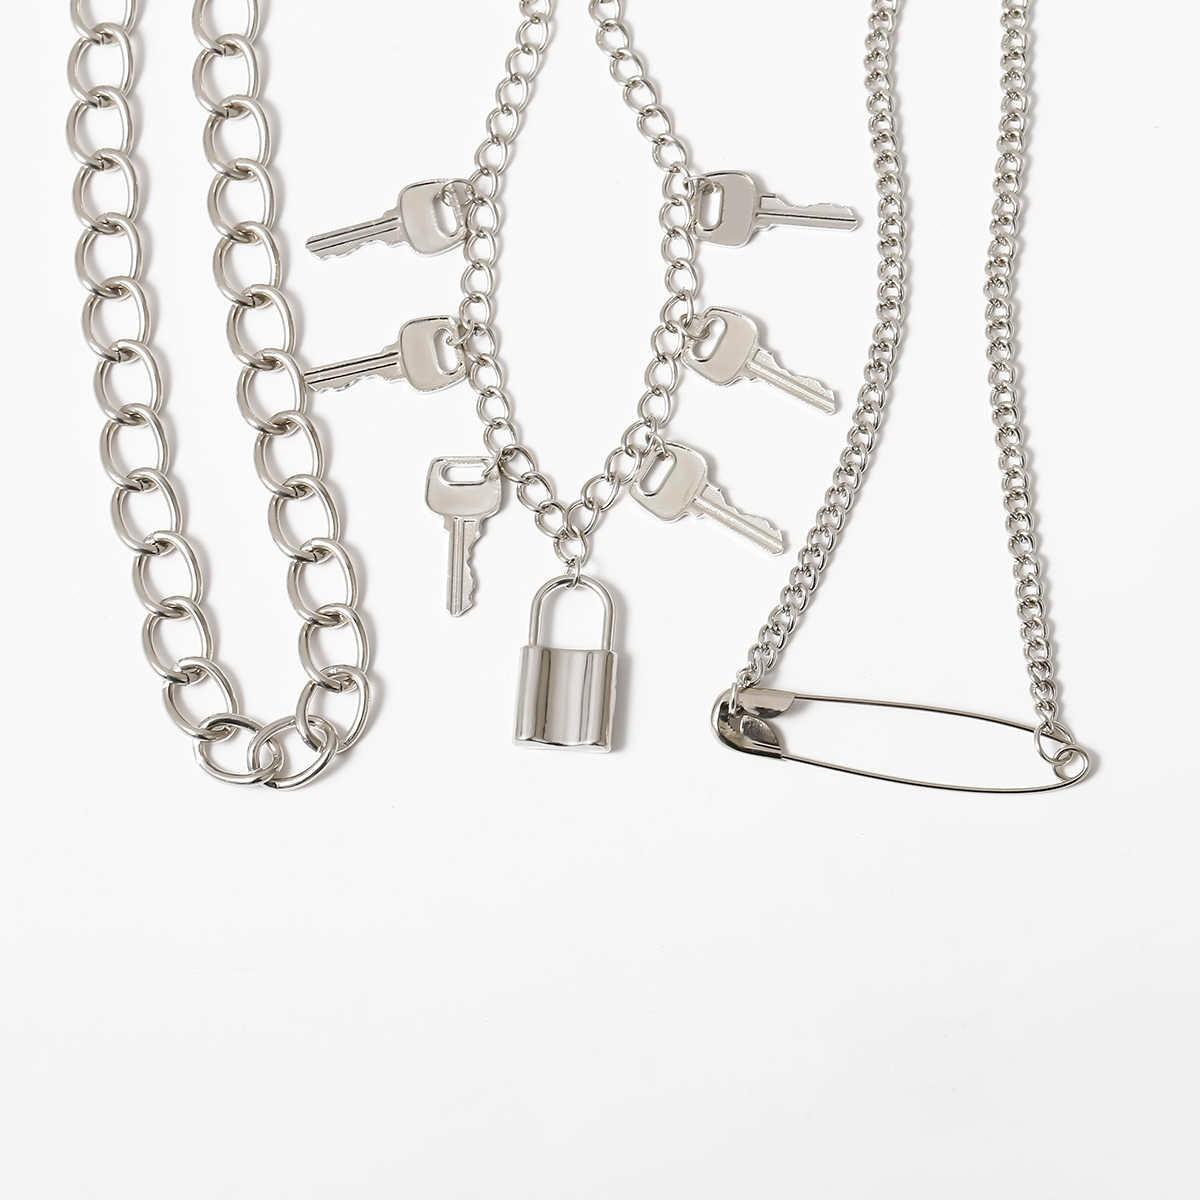 E-girl E-boy Punk Gothic Big Lock Key Angel Pendant Necklace 57